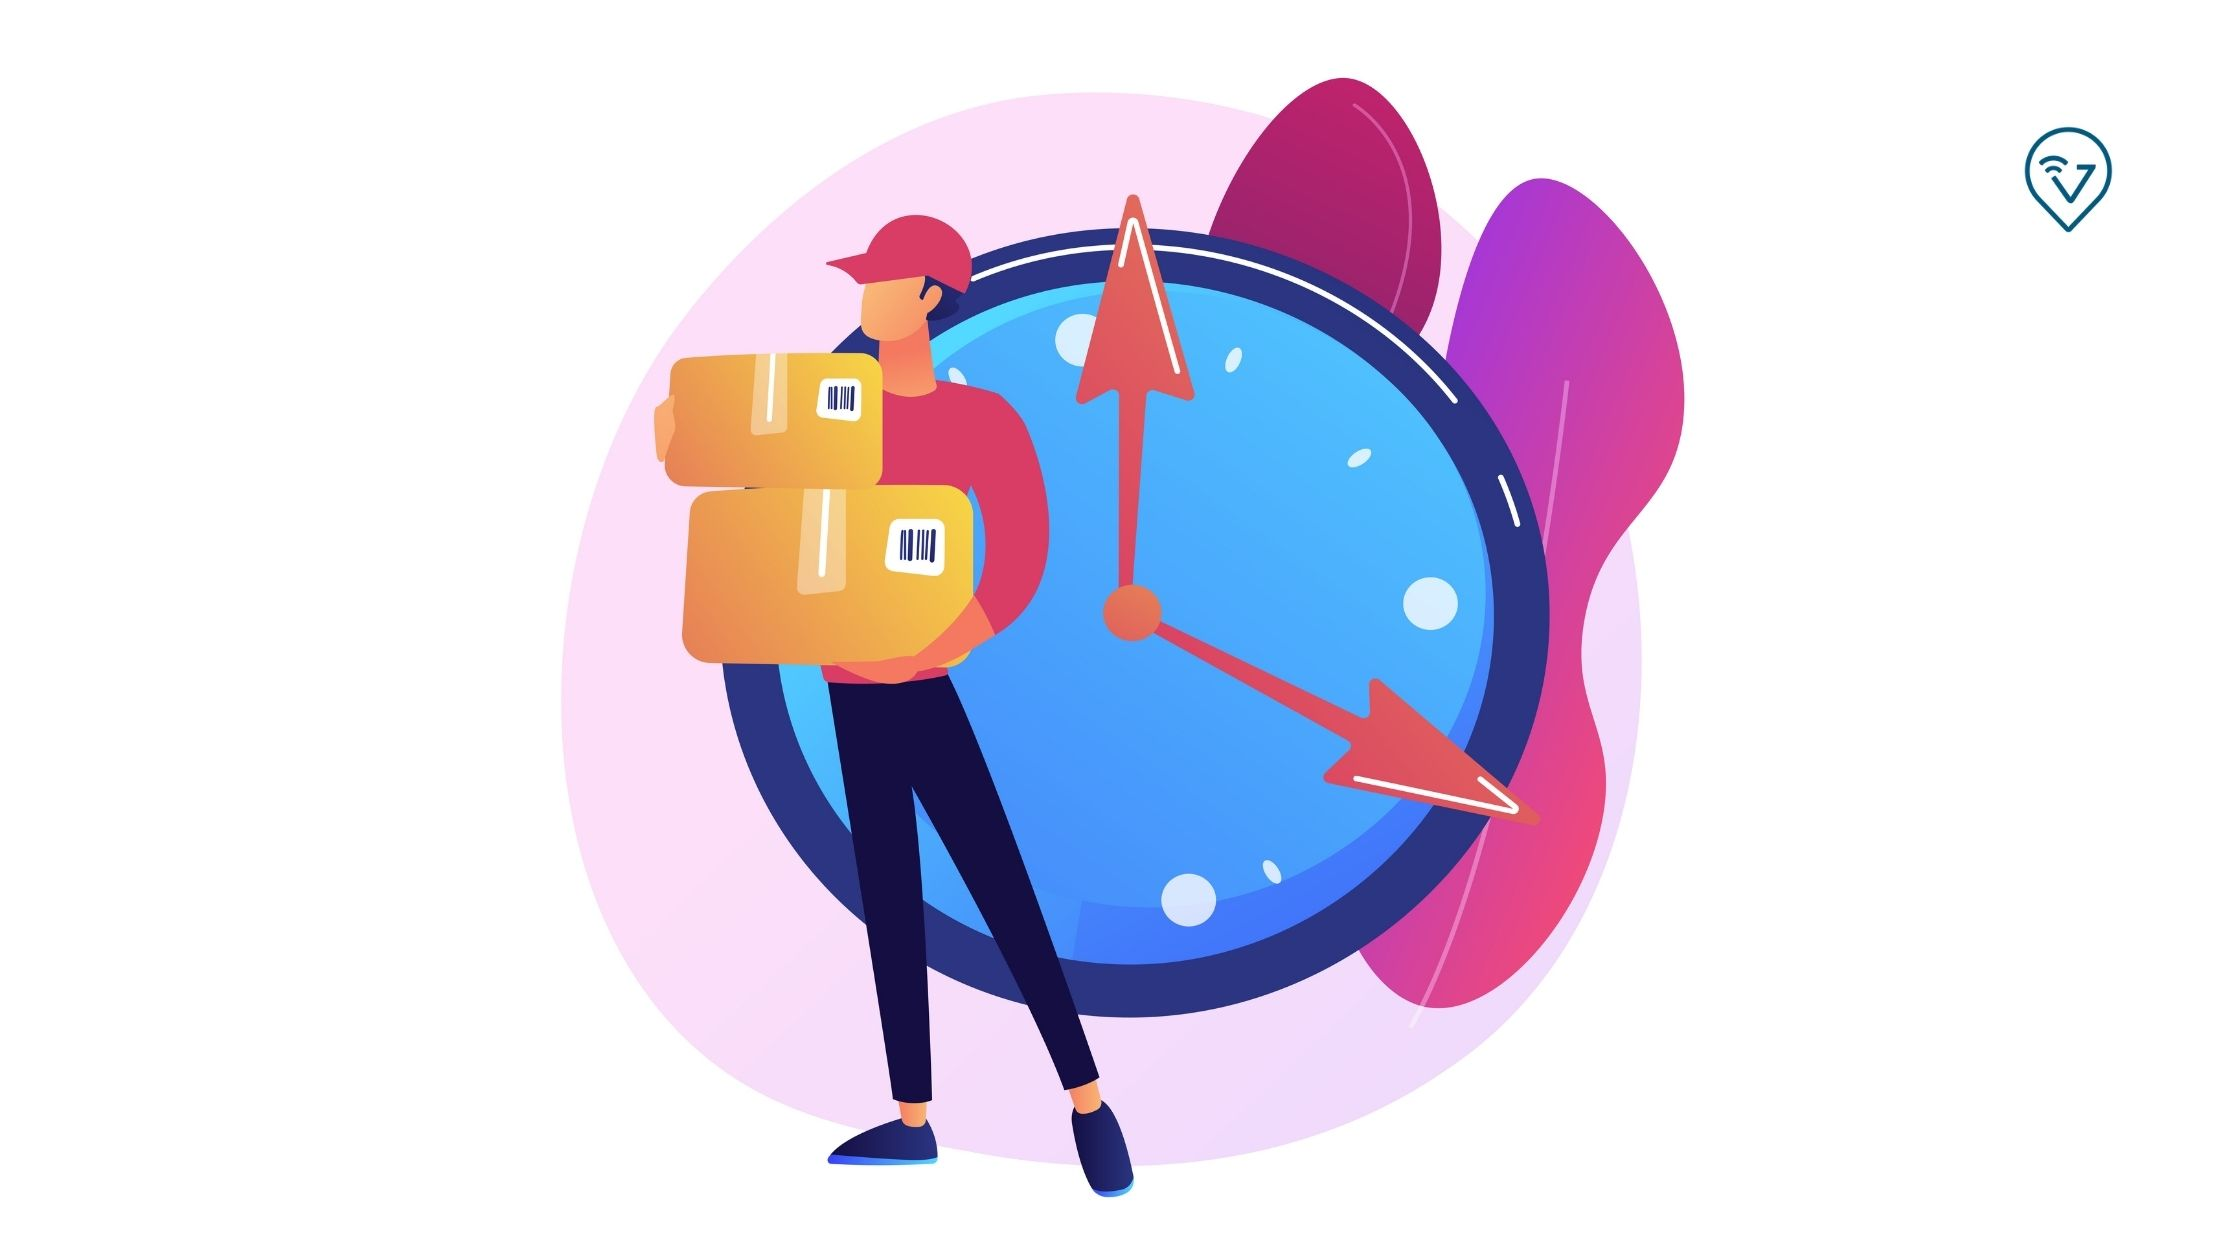 Atraso na entrega: como isso afeta a satisfação do cliente